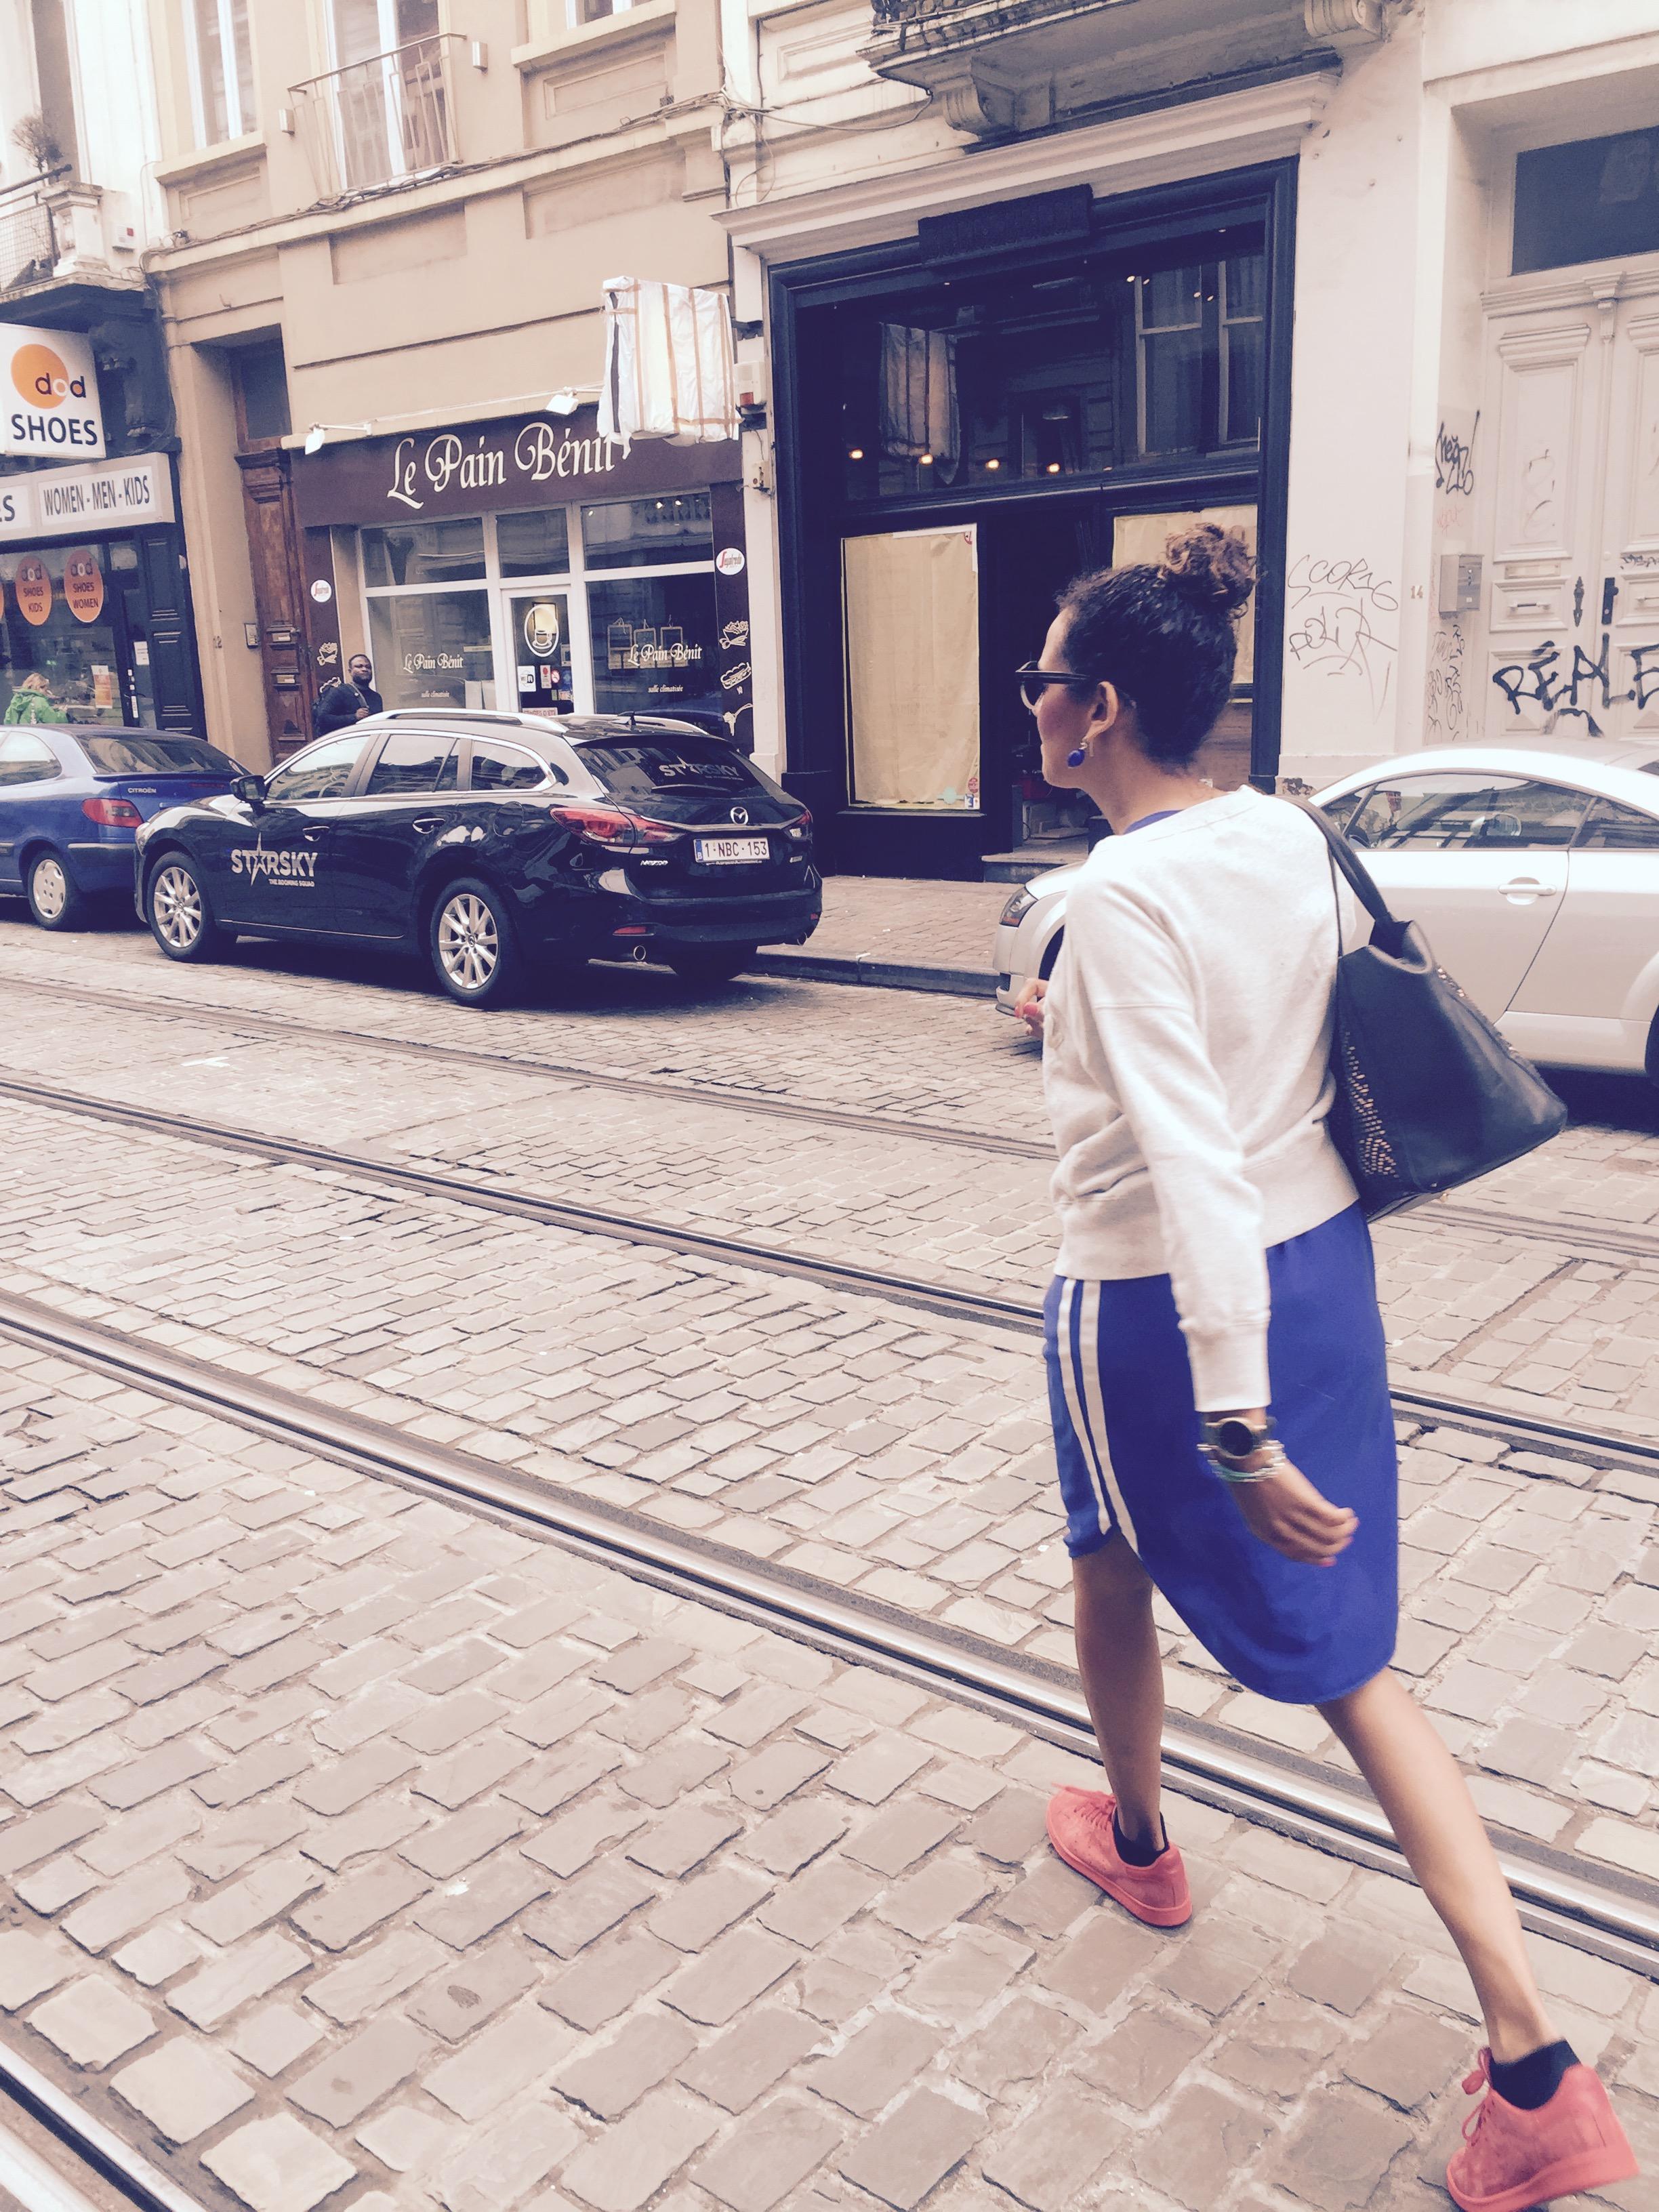 En bye-bye Brussel, see you next time! Bezoek zeker eens  study.brussels  voor meer info!